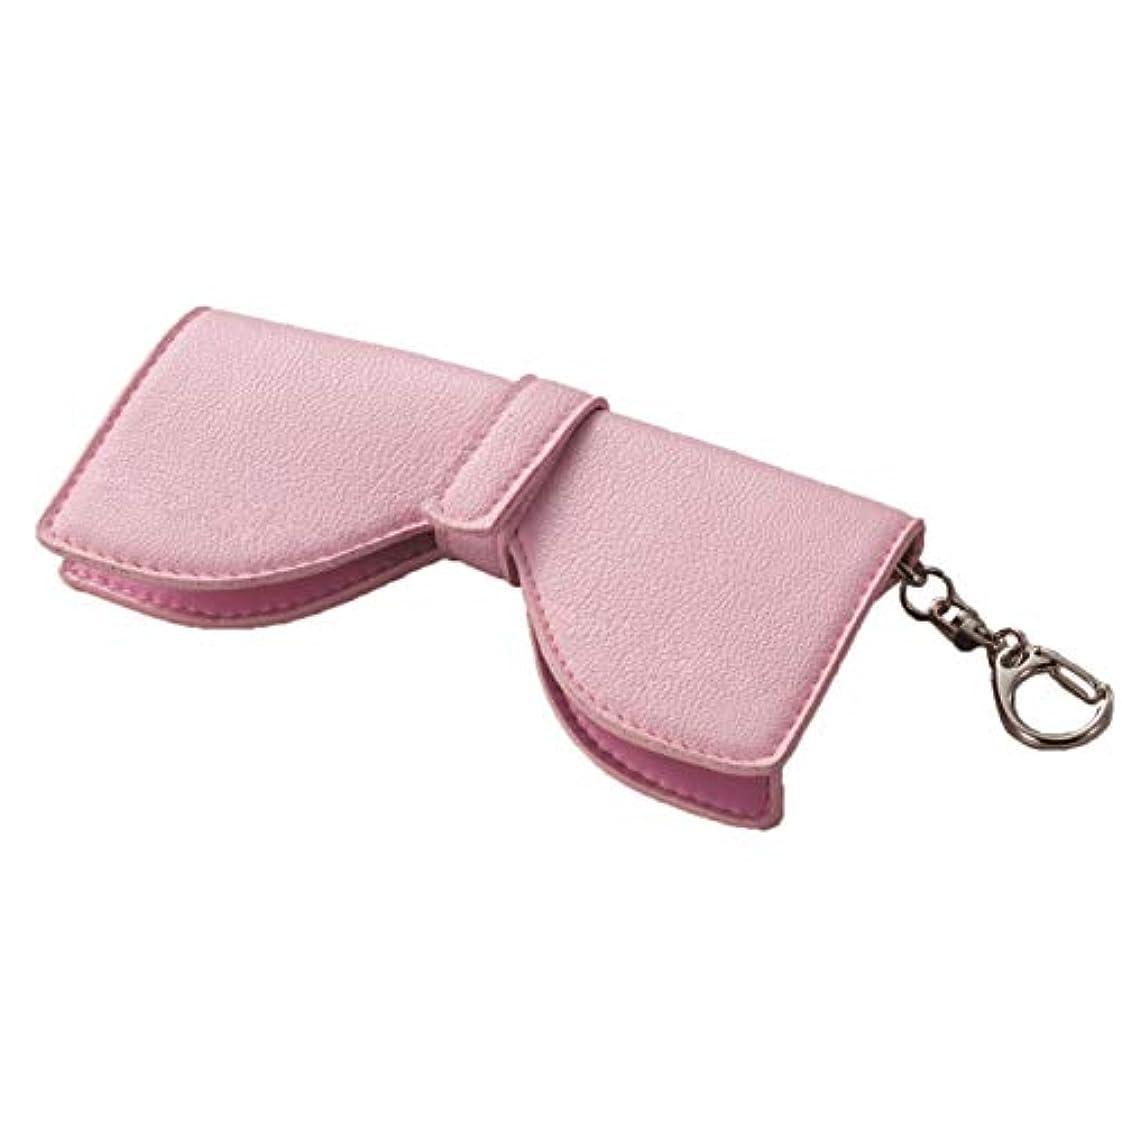 同一のようこそレジ日用品 メガネケース 関連商品 大人可愛いリボン型メガネホルダー(ピンク)